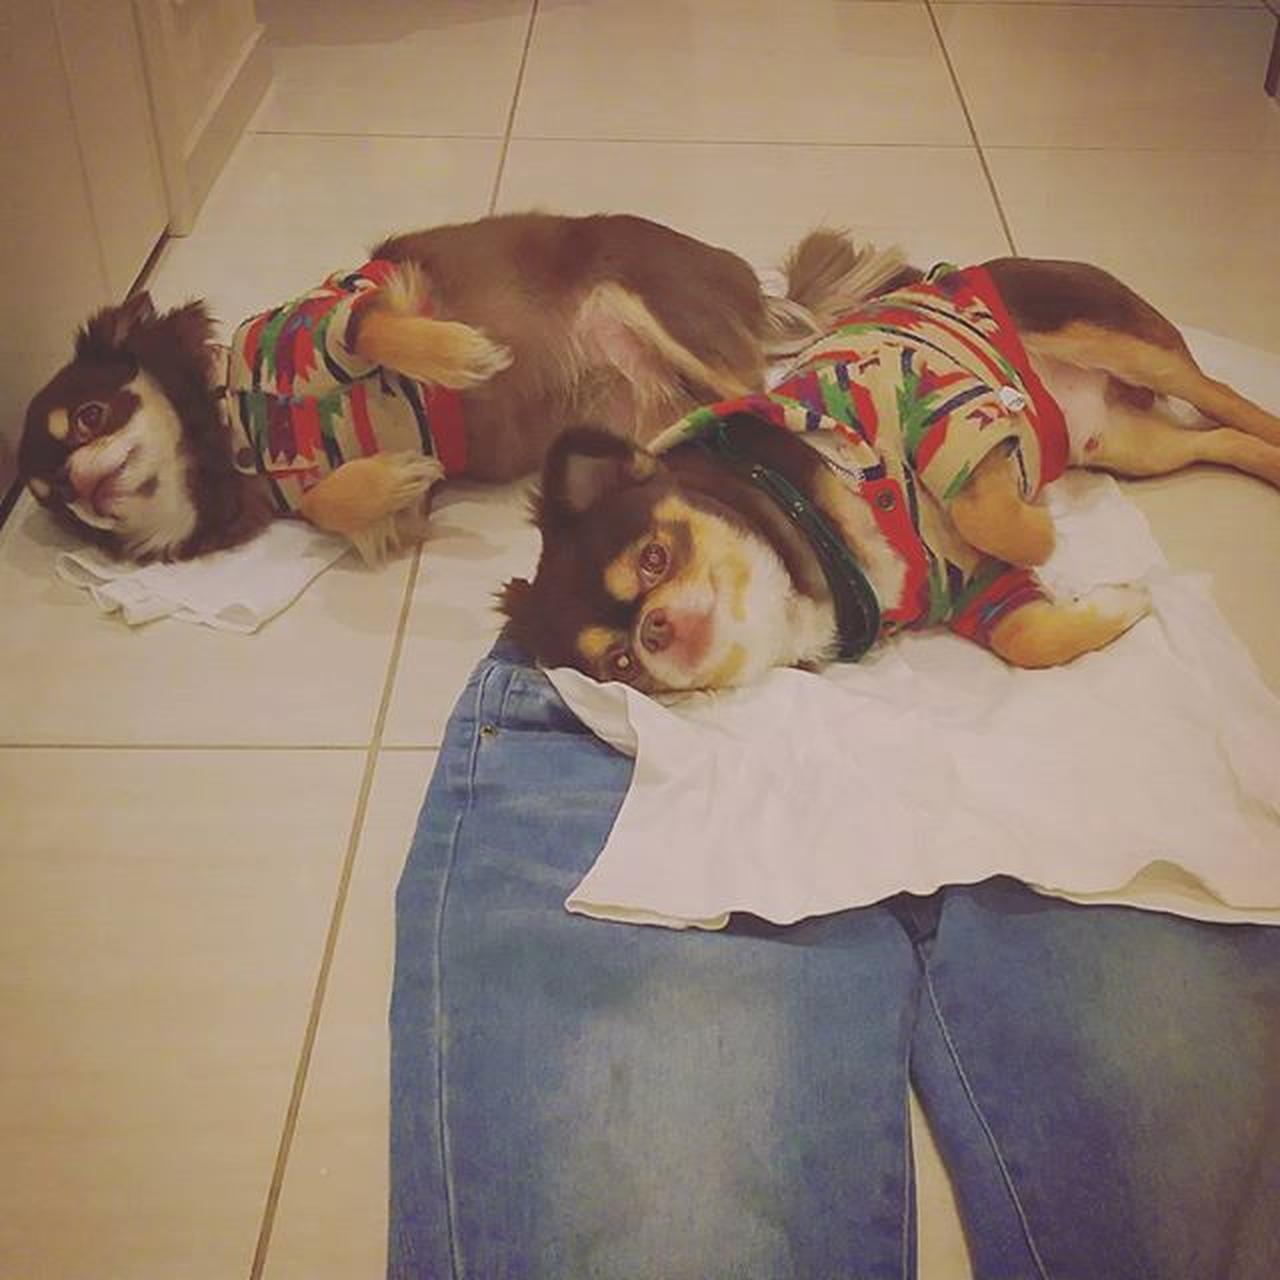 愛しのワンコさん#愛犬#チョコタ...